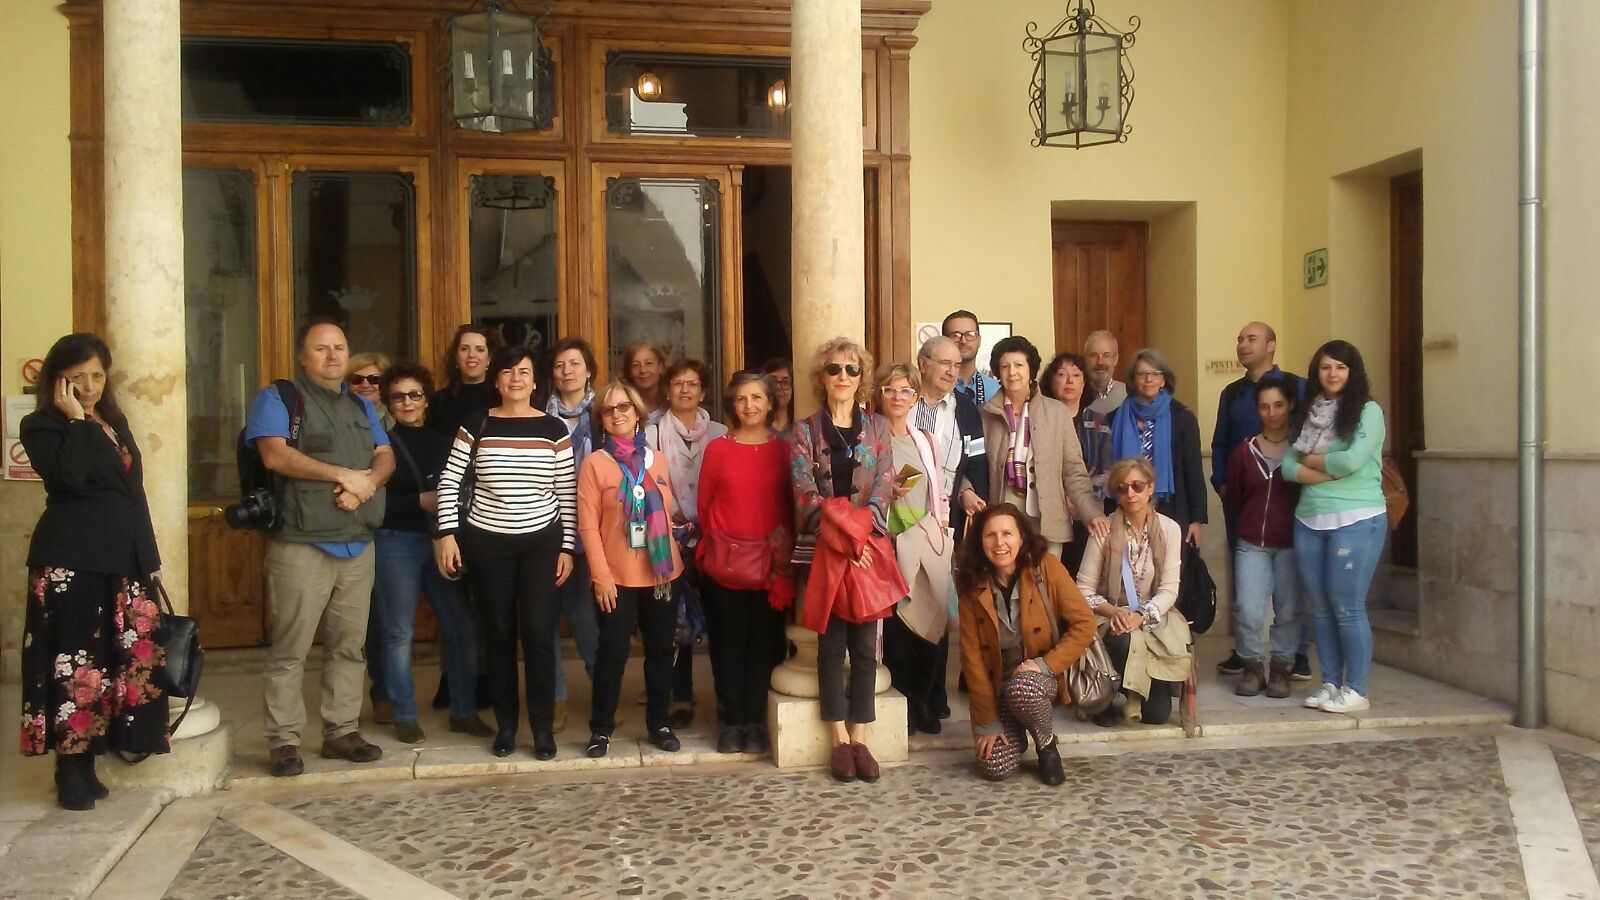 Representantes de entidades,  asociaciones culturales, guías turísticos y blogueros de Madrid   han visitado hoy nuestra ciudad